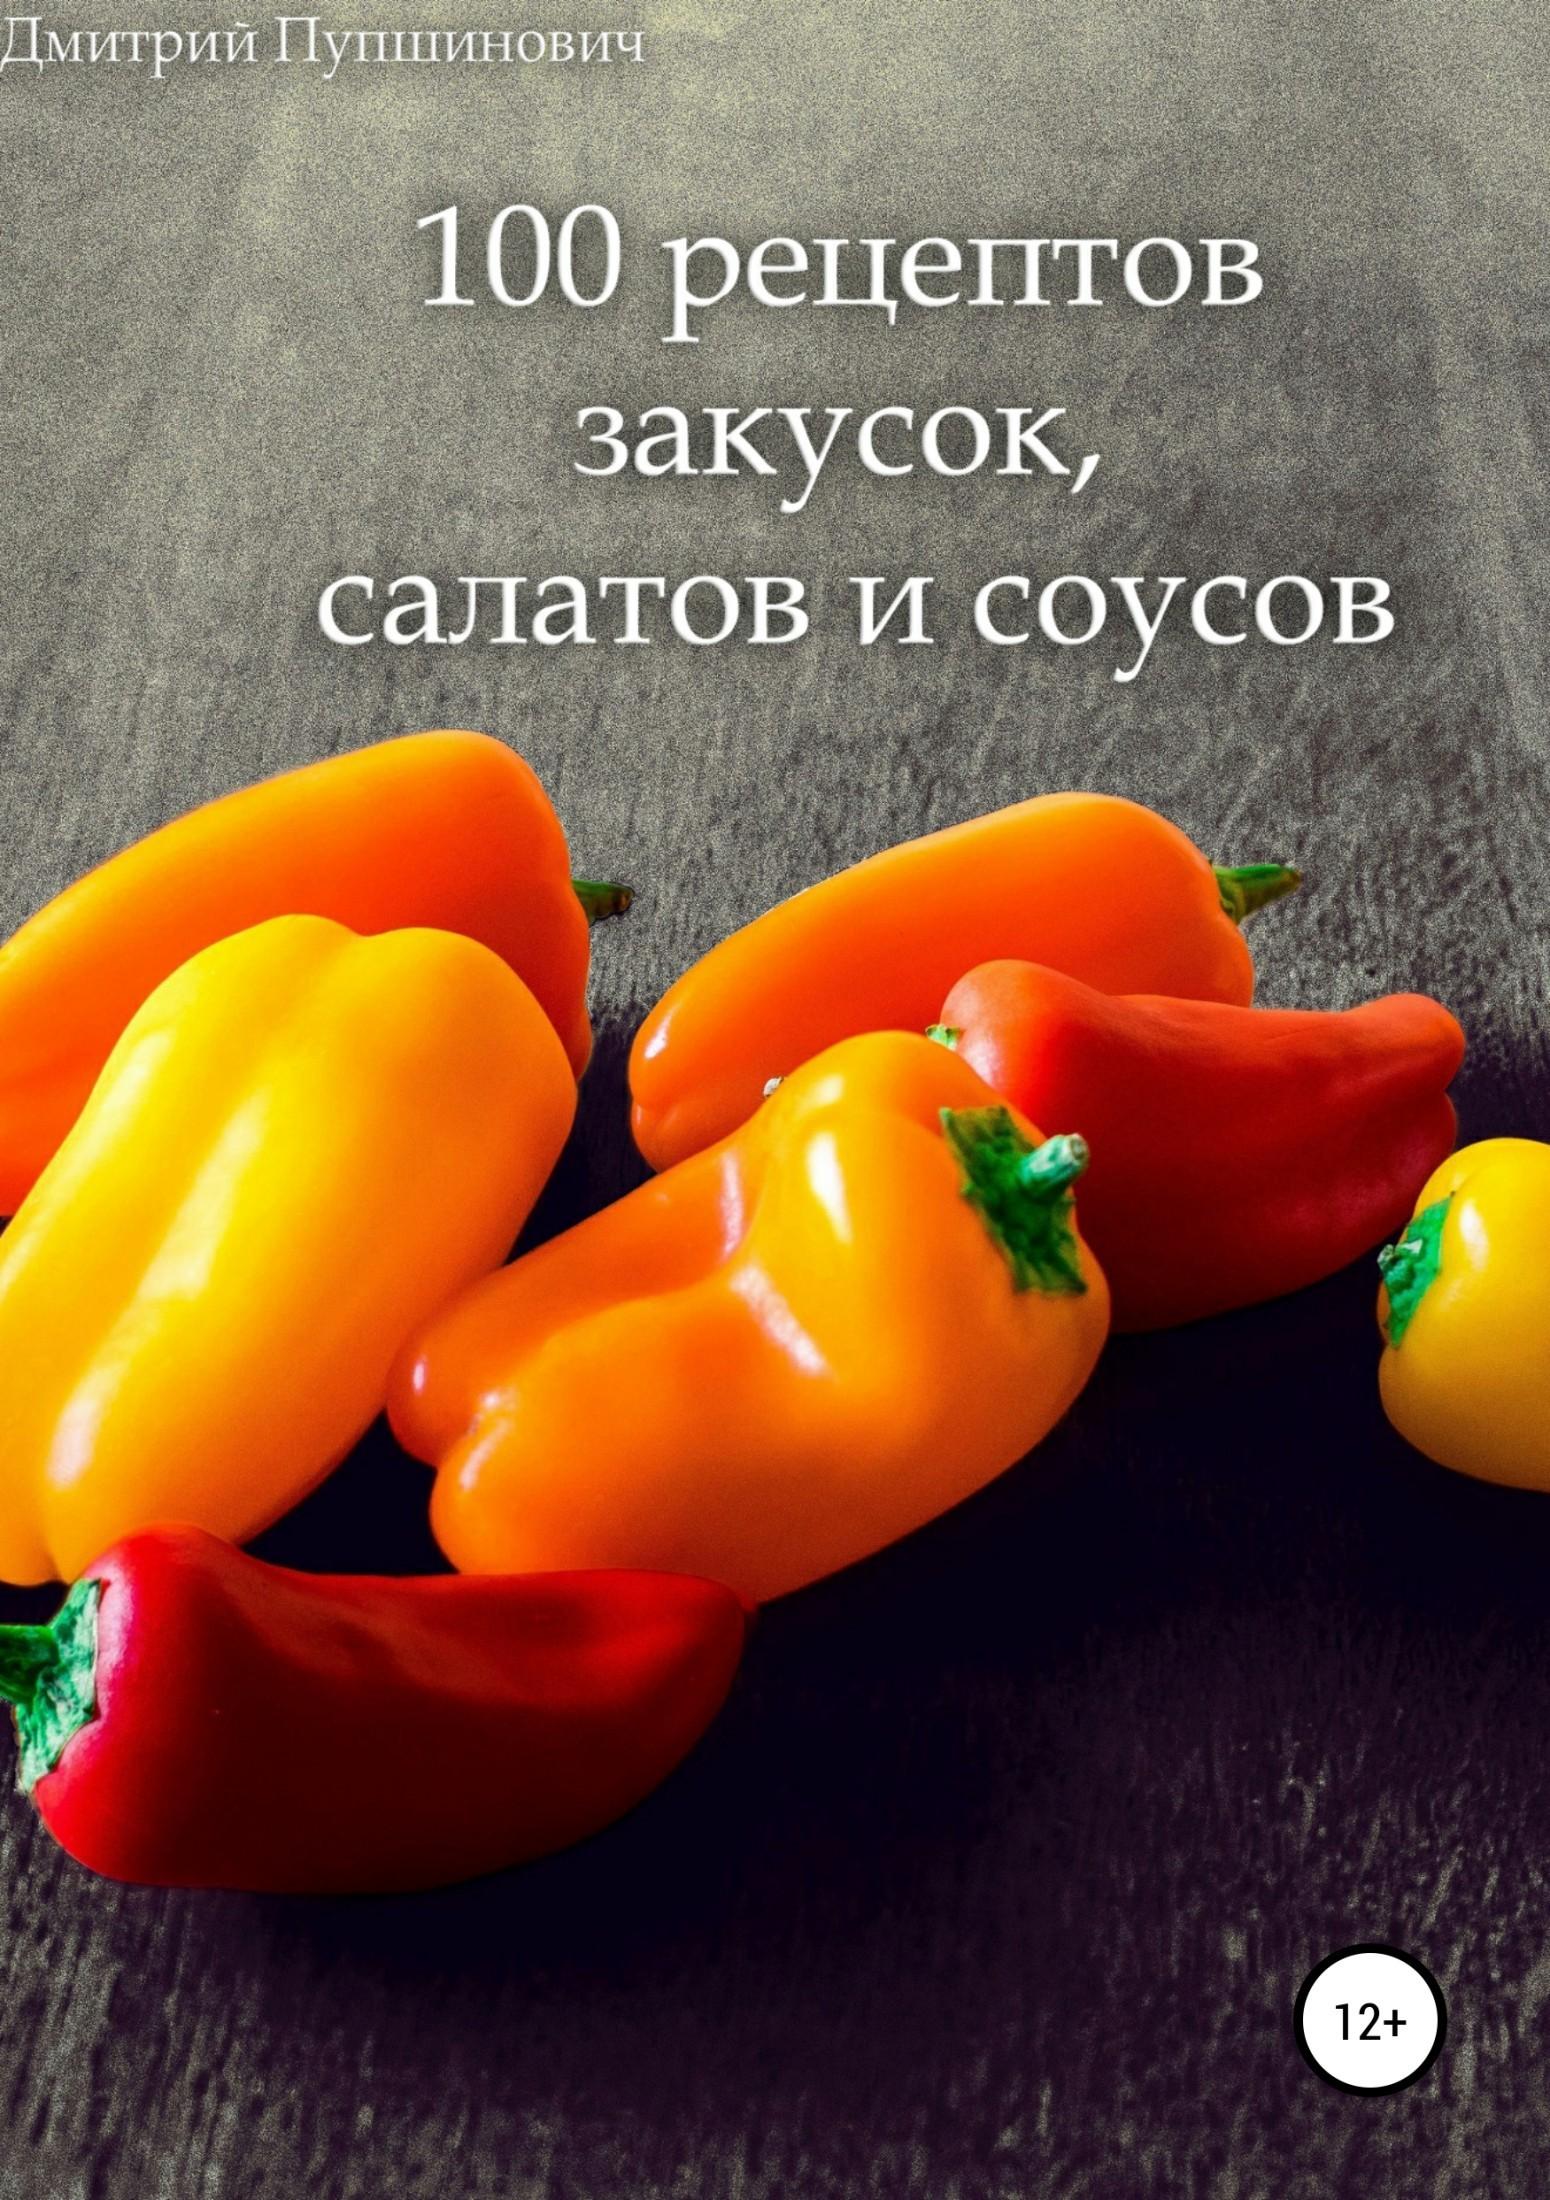 Дмитрий Пупшинович - 100 рецептов закусок, салатов и соусов